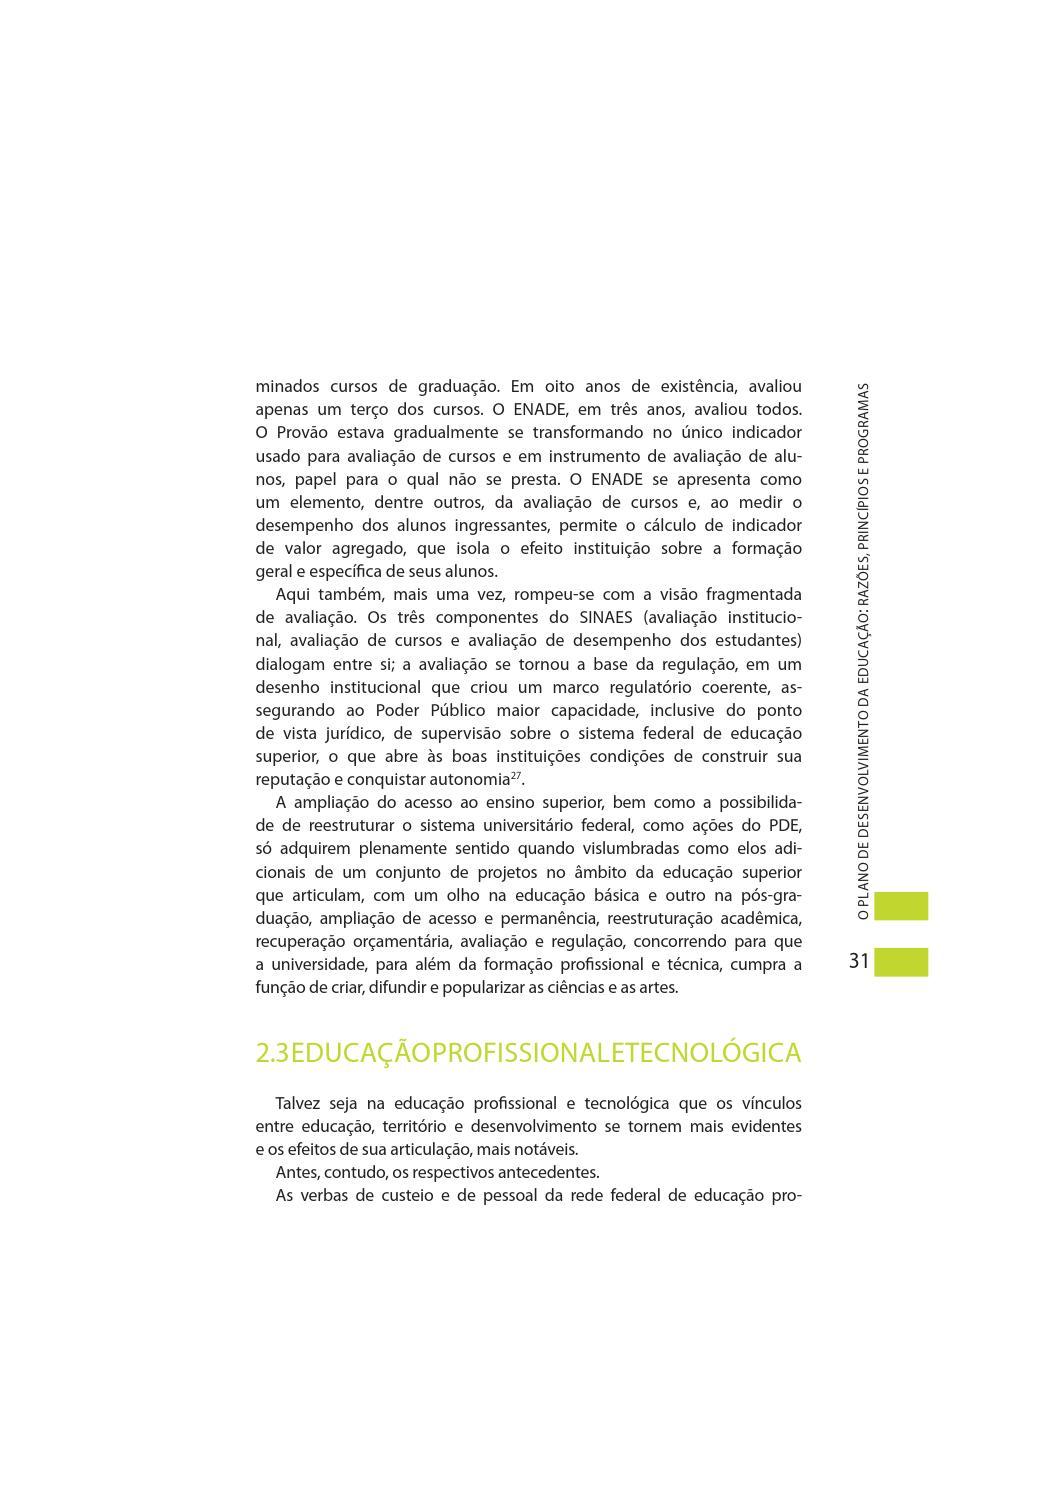 Plano brasileiro 24370